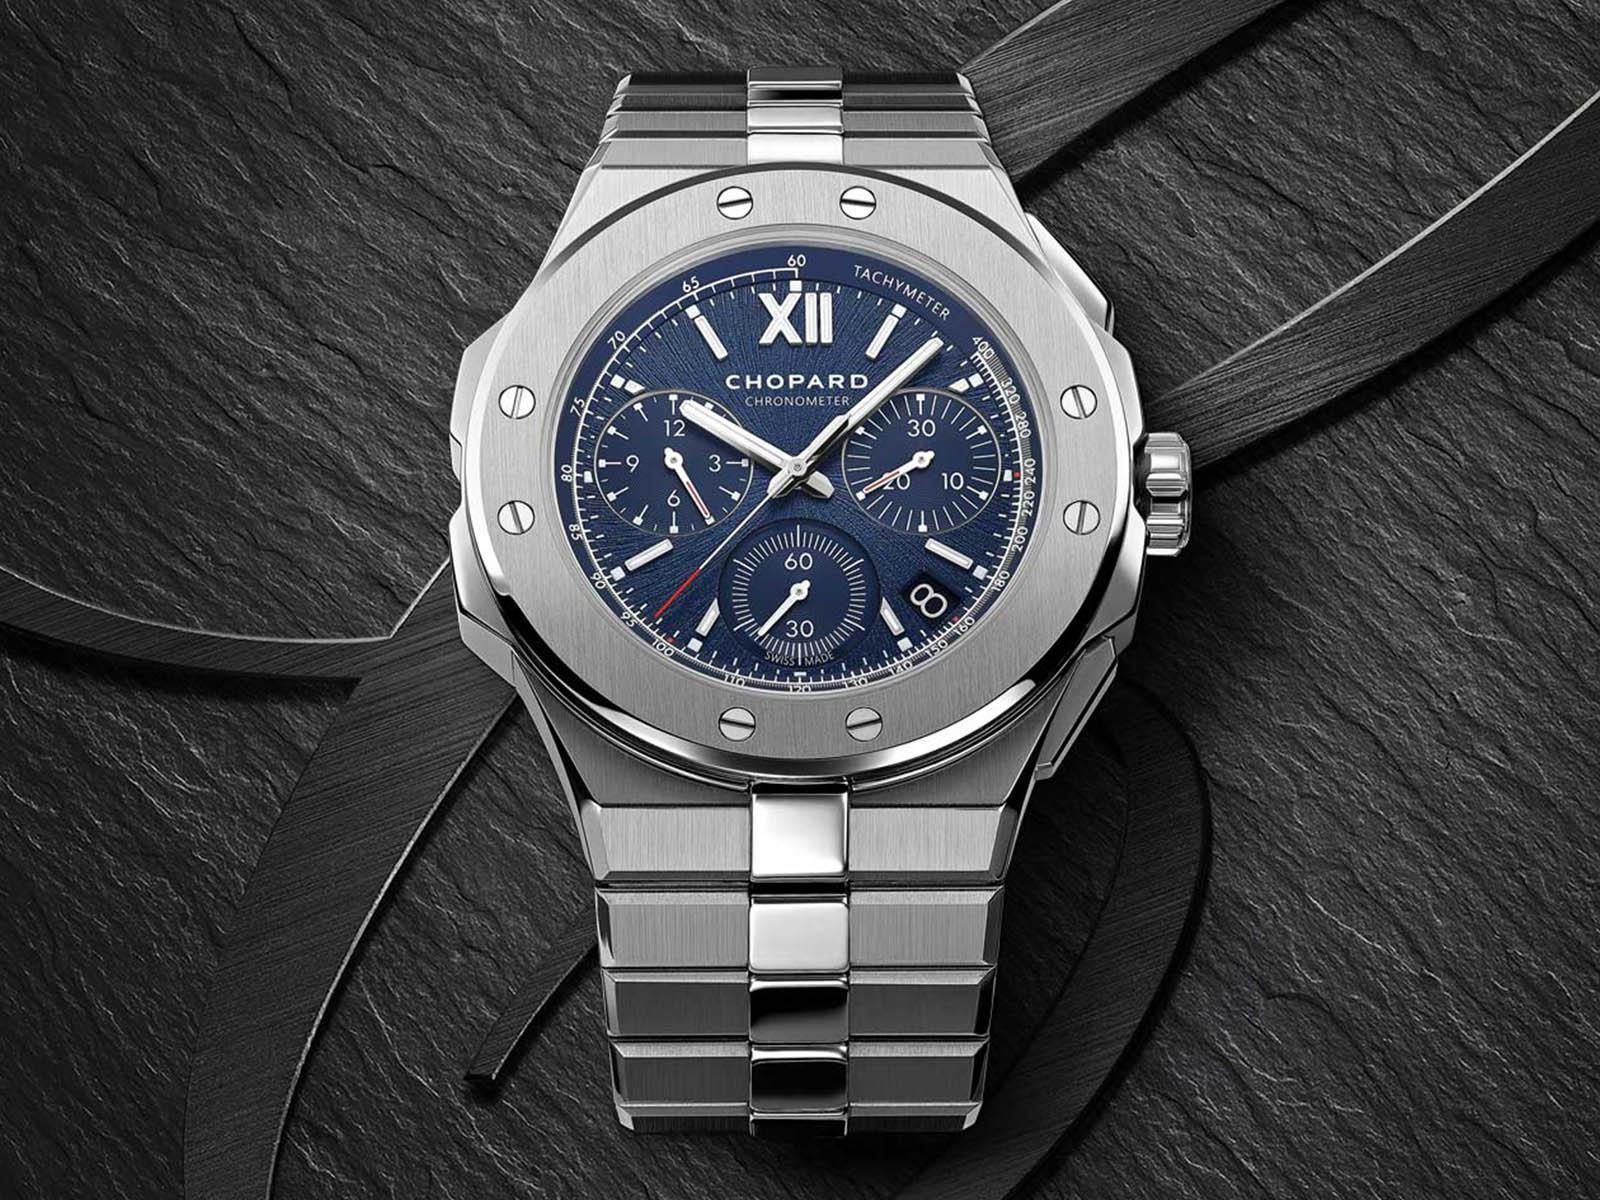 298609-3001-chopard-alpine-eagle-xl-chrono-2.jpg